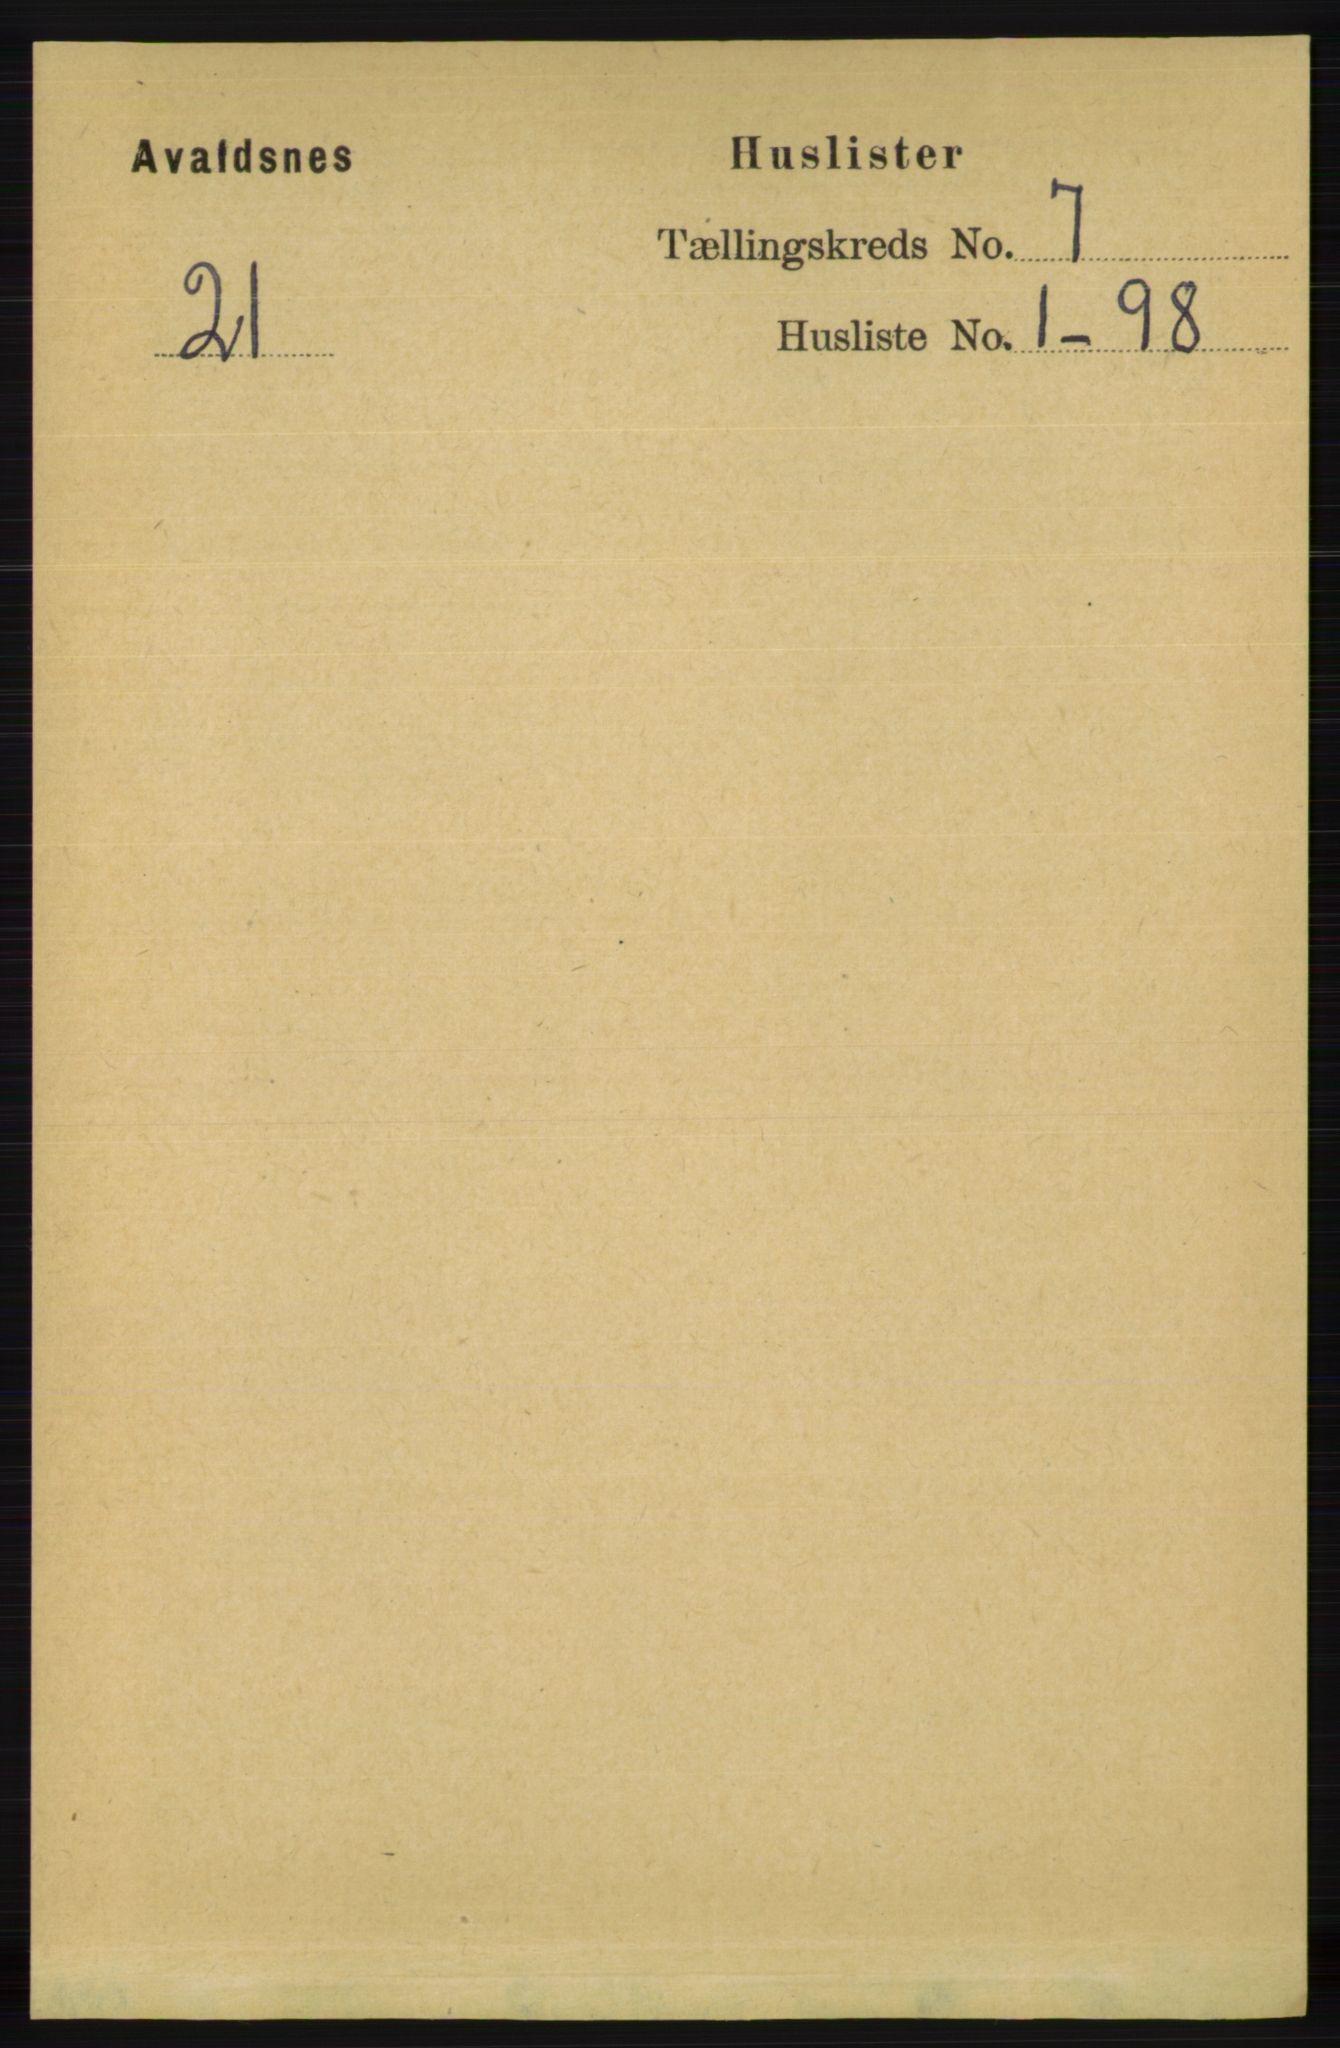 RA, Folketelling 1891 for 1147 Avaldsnes herred, 1891, s. 3582